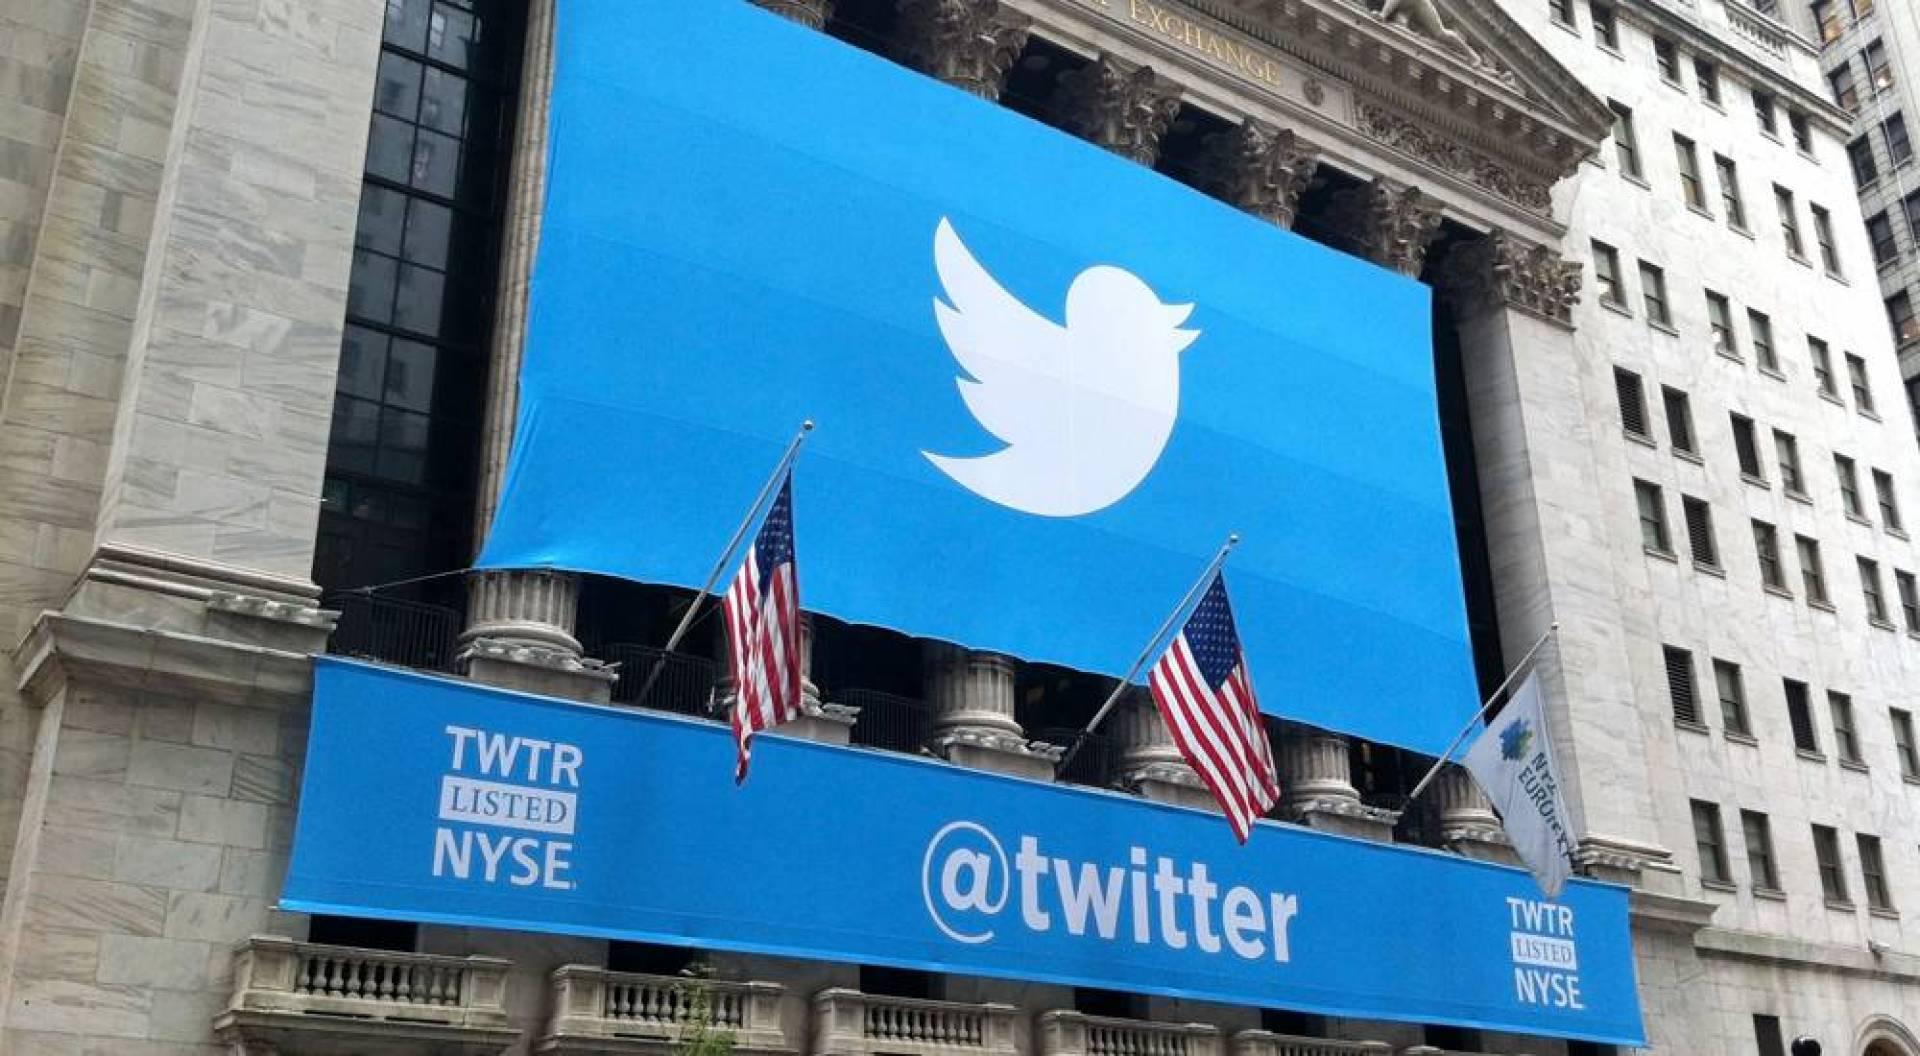 «تويتر» قد تواجه عقوبات مالية كبيرة بسبب الهجمات الأخيرة